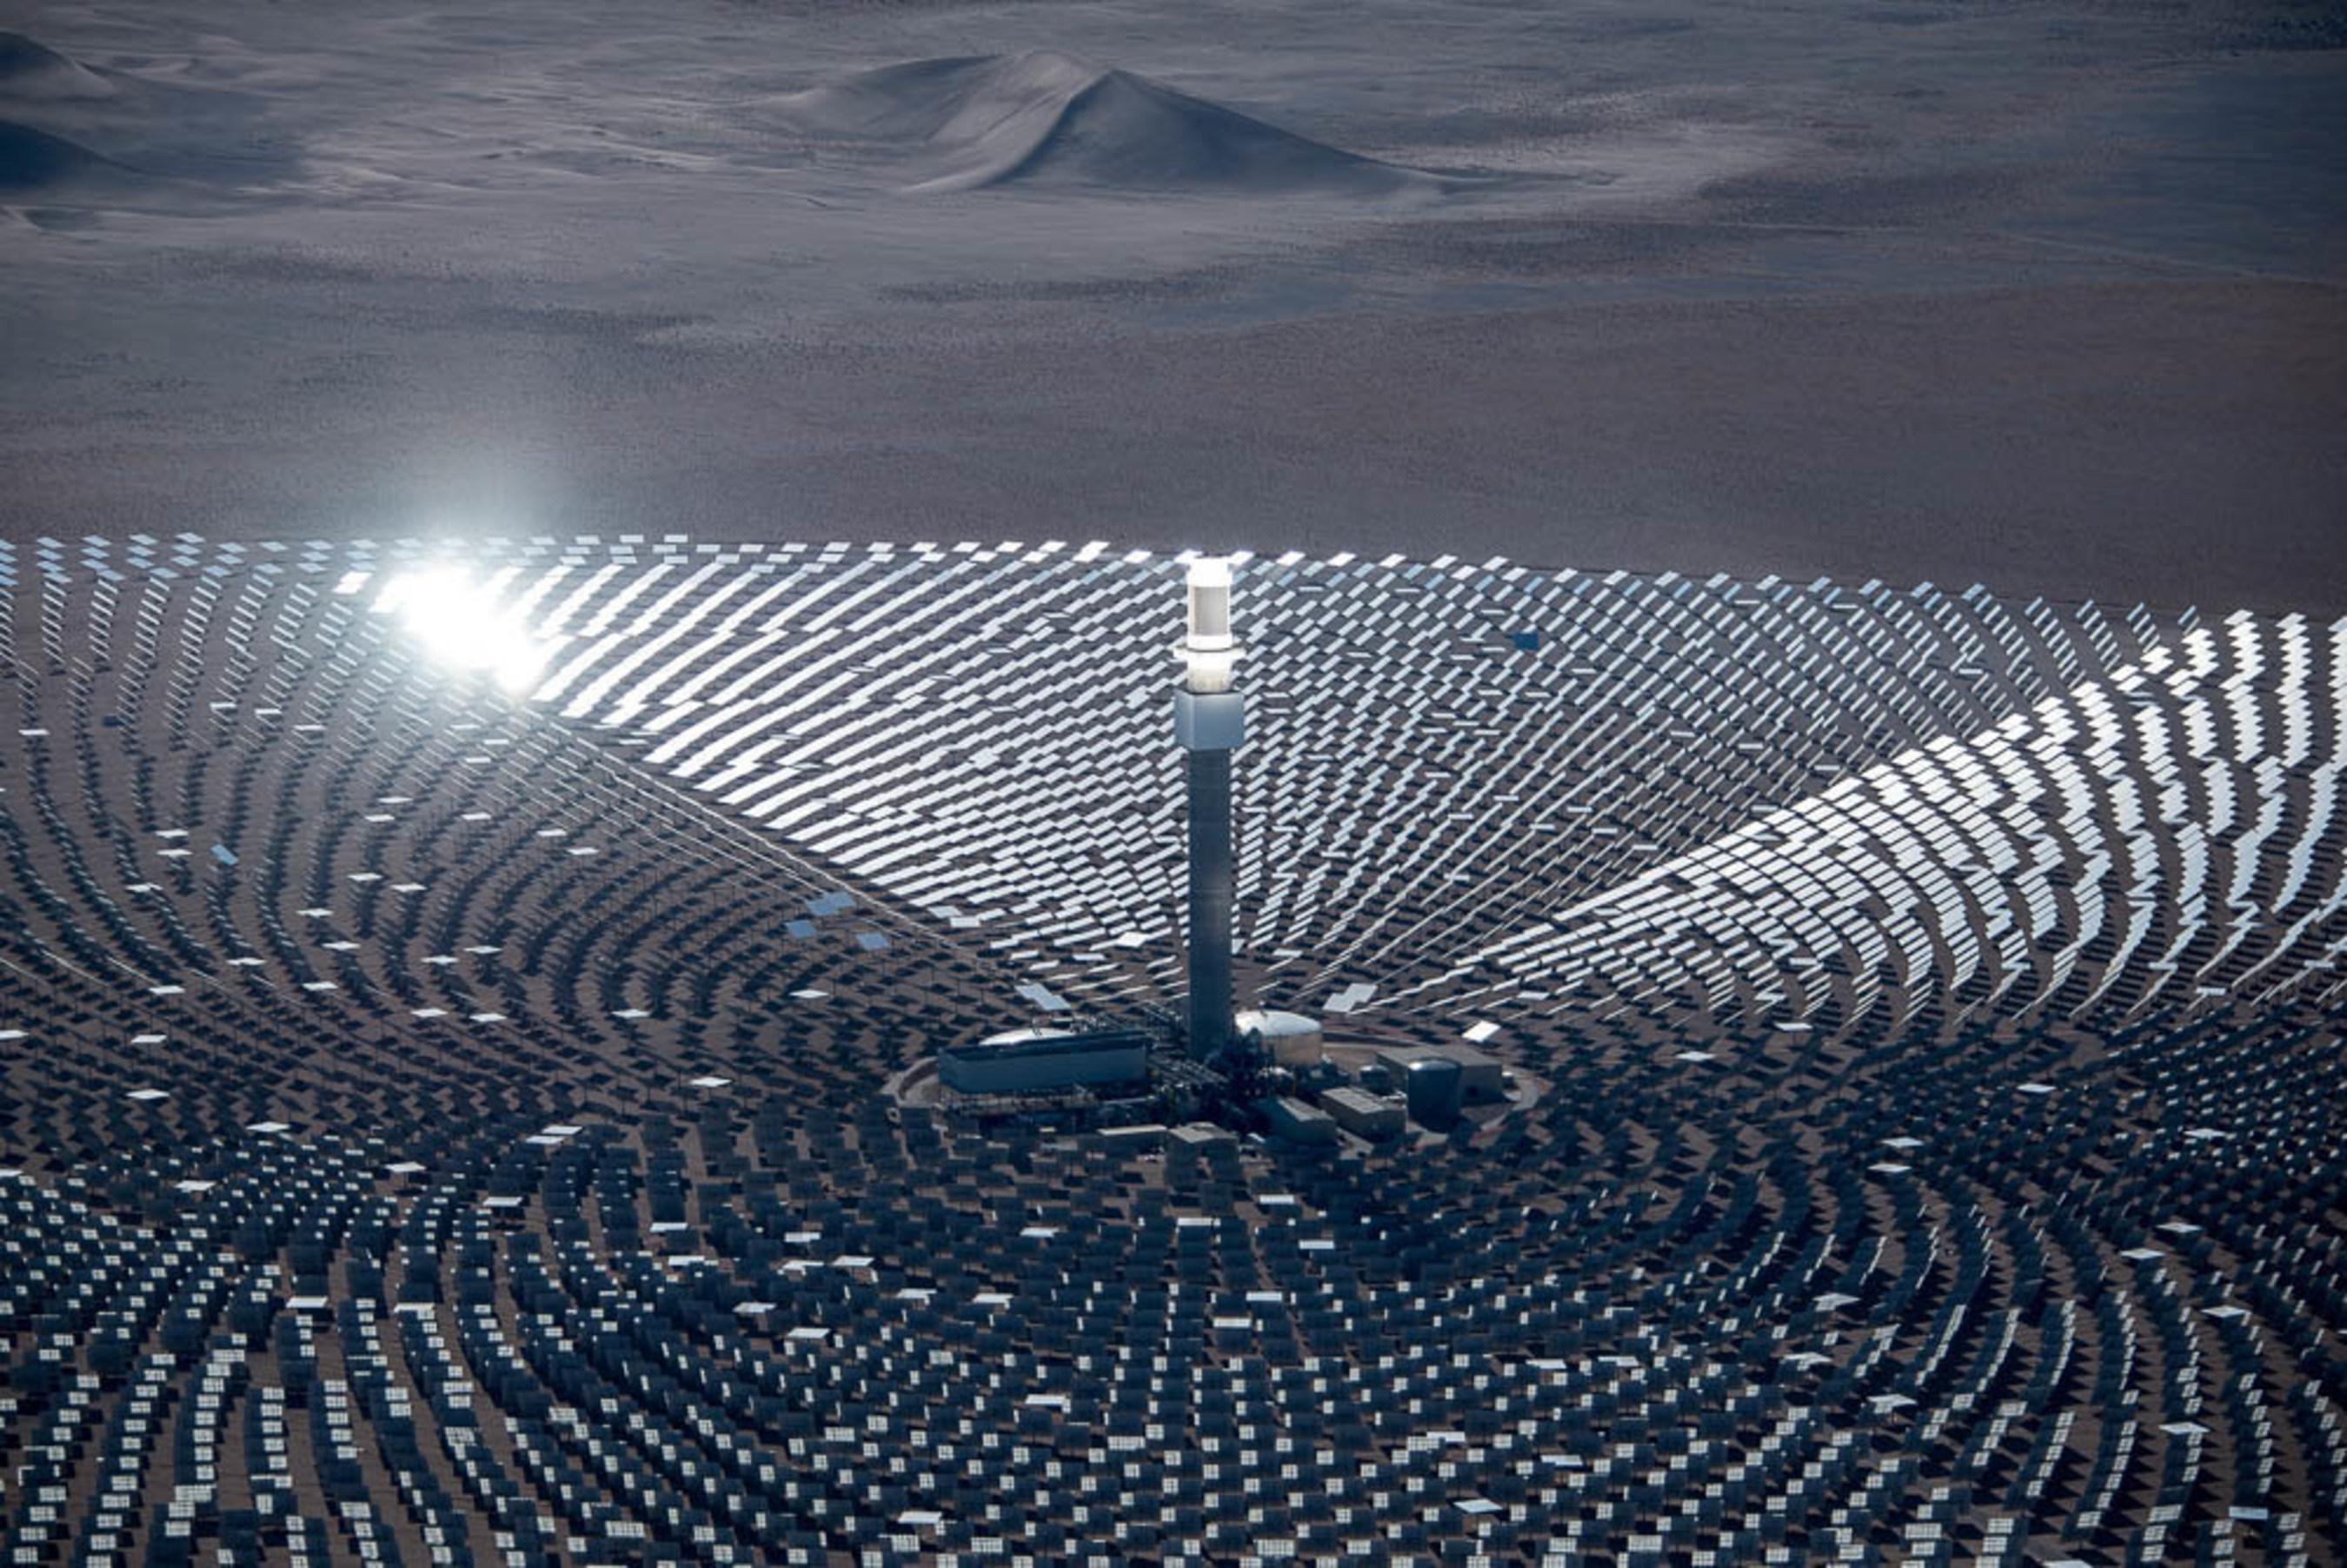 Solarreserve Obtiene Aprobación Ambiental para Construir una Central de Concentración Solar de 260